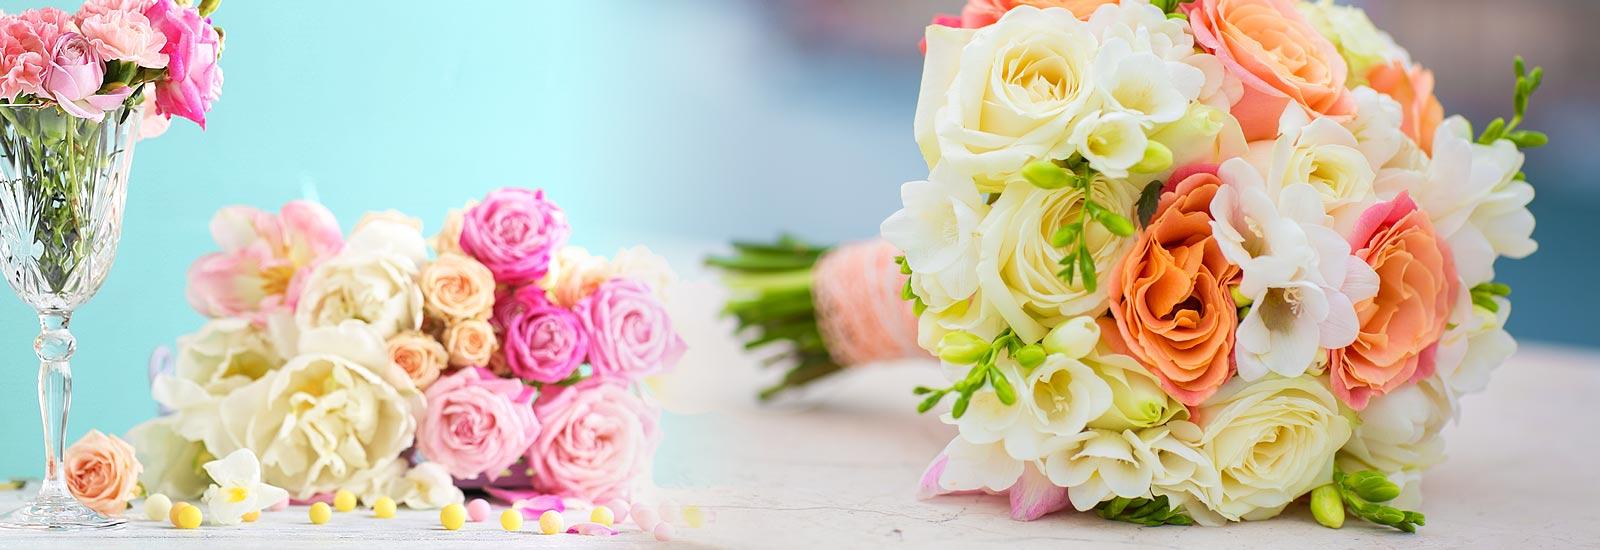 Fillers For Floral Arrangements